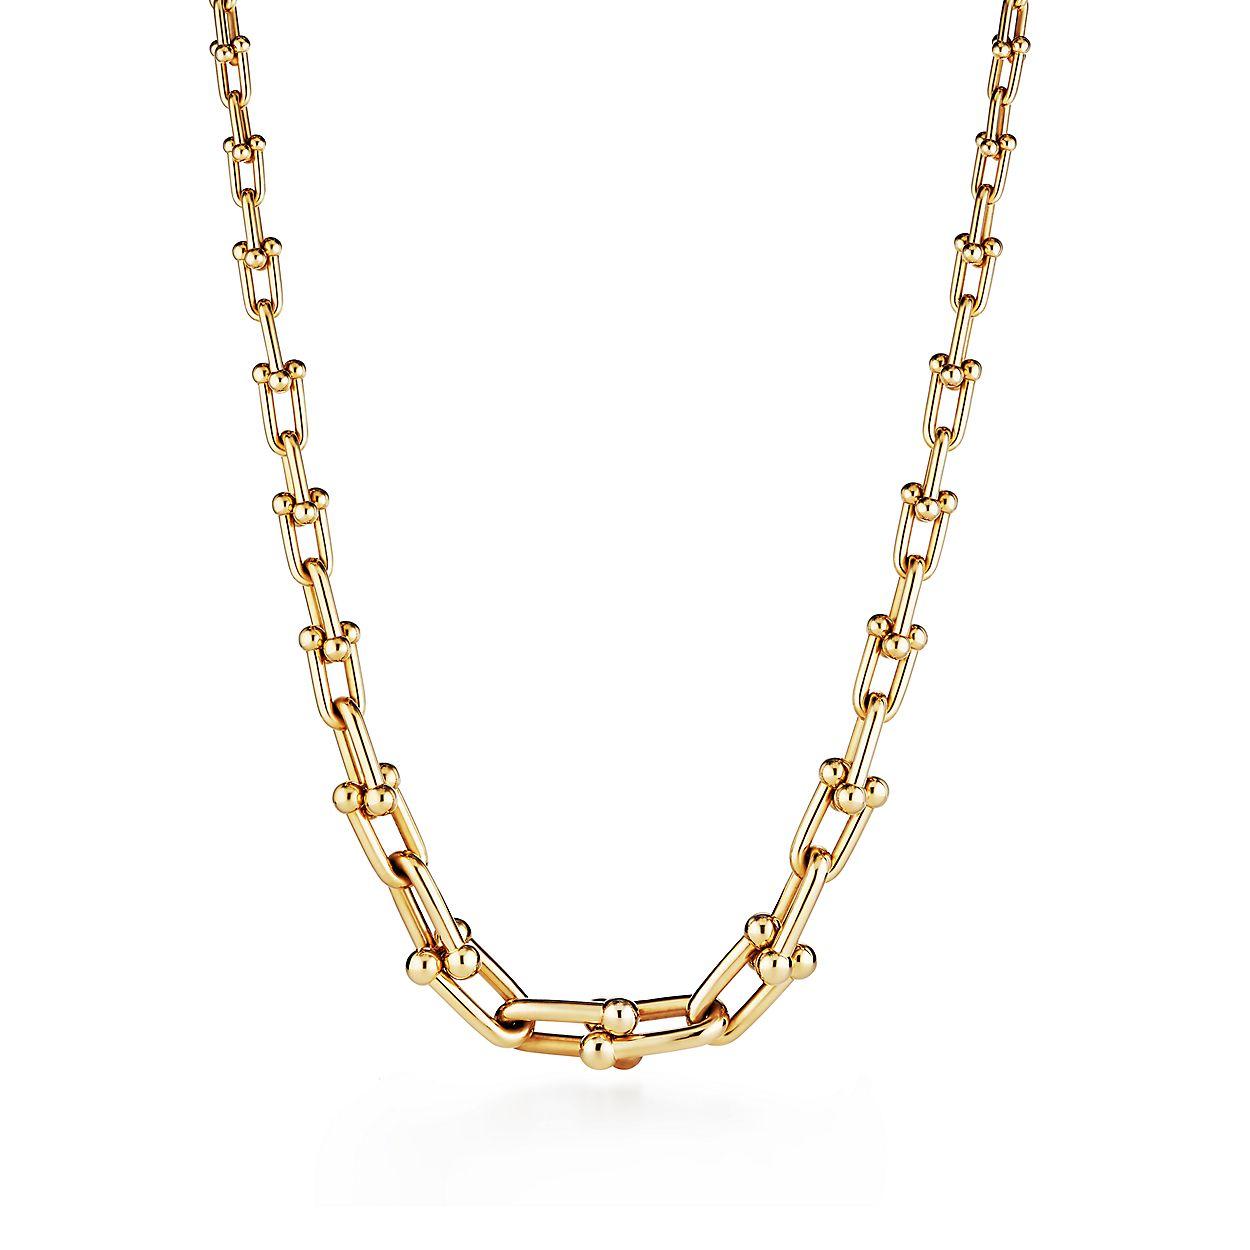 f366ab374 Tiffany HardWear 18k Gold Link Necklace | Tiffany & Co.